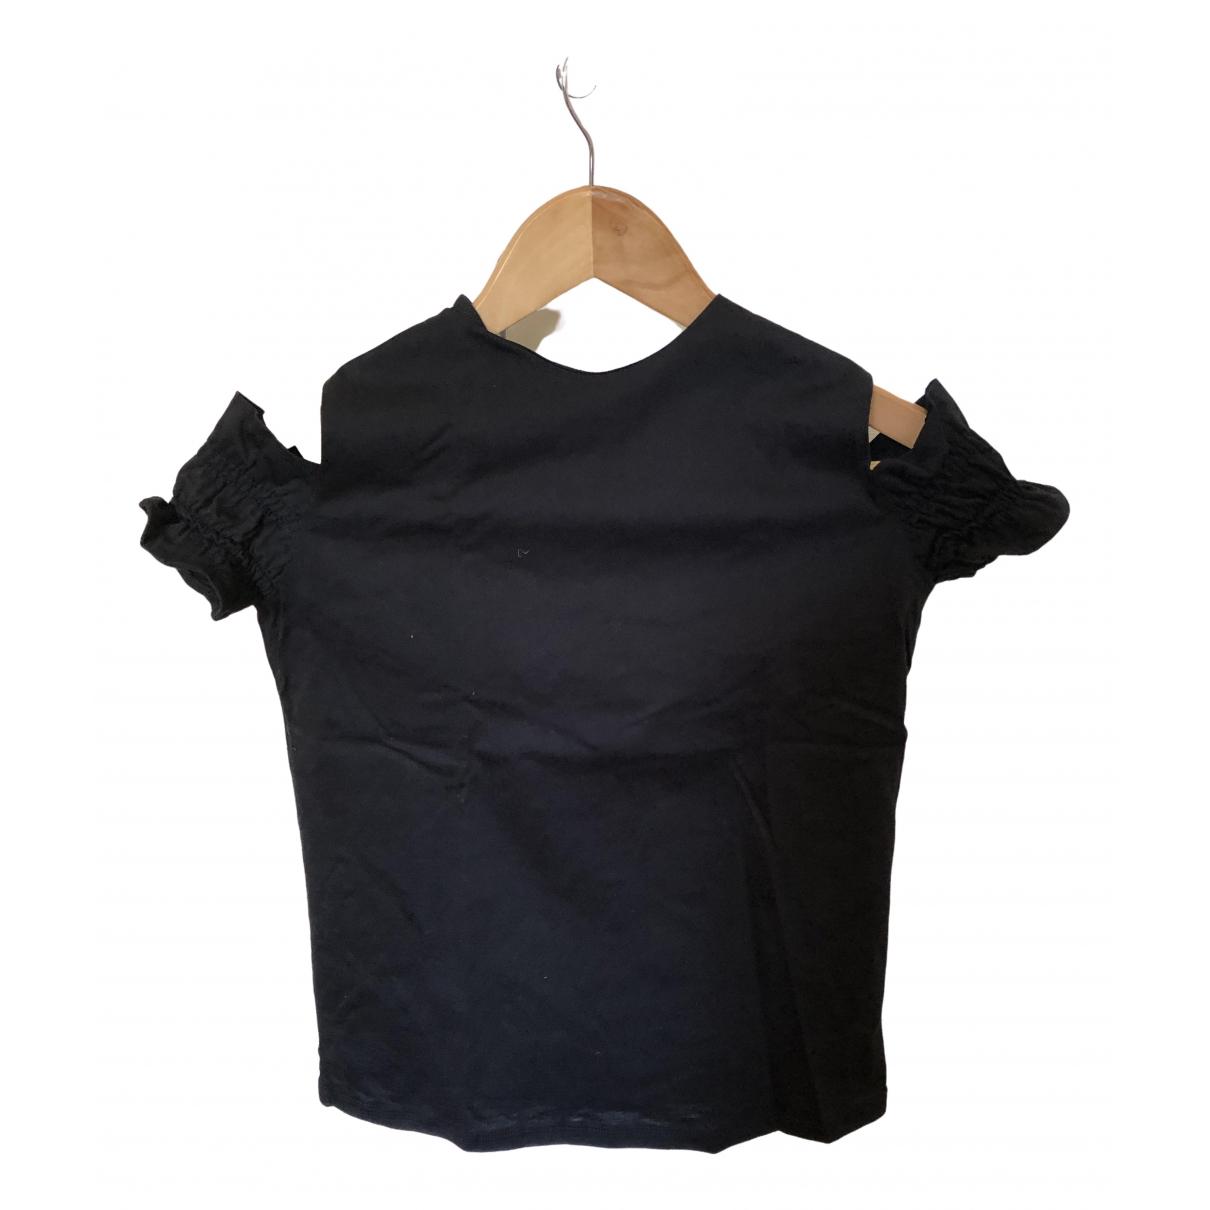 Maje - Top Spring Summer 2019 pour femme en coton - noir